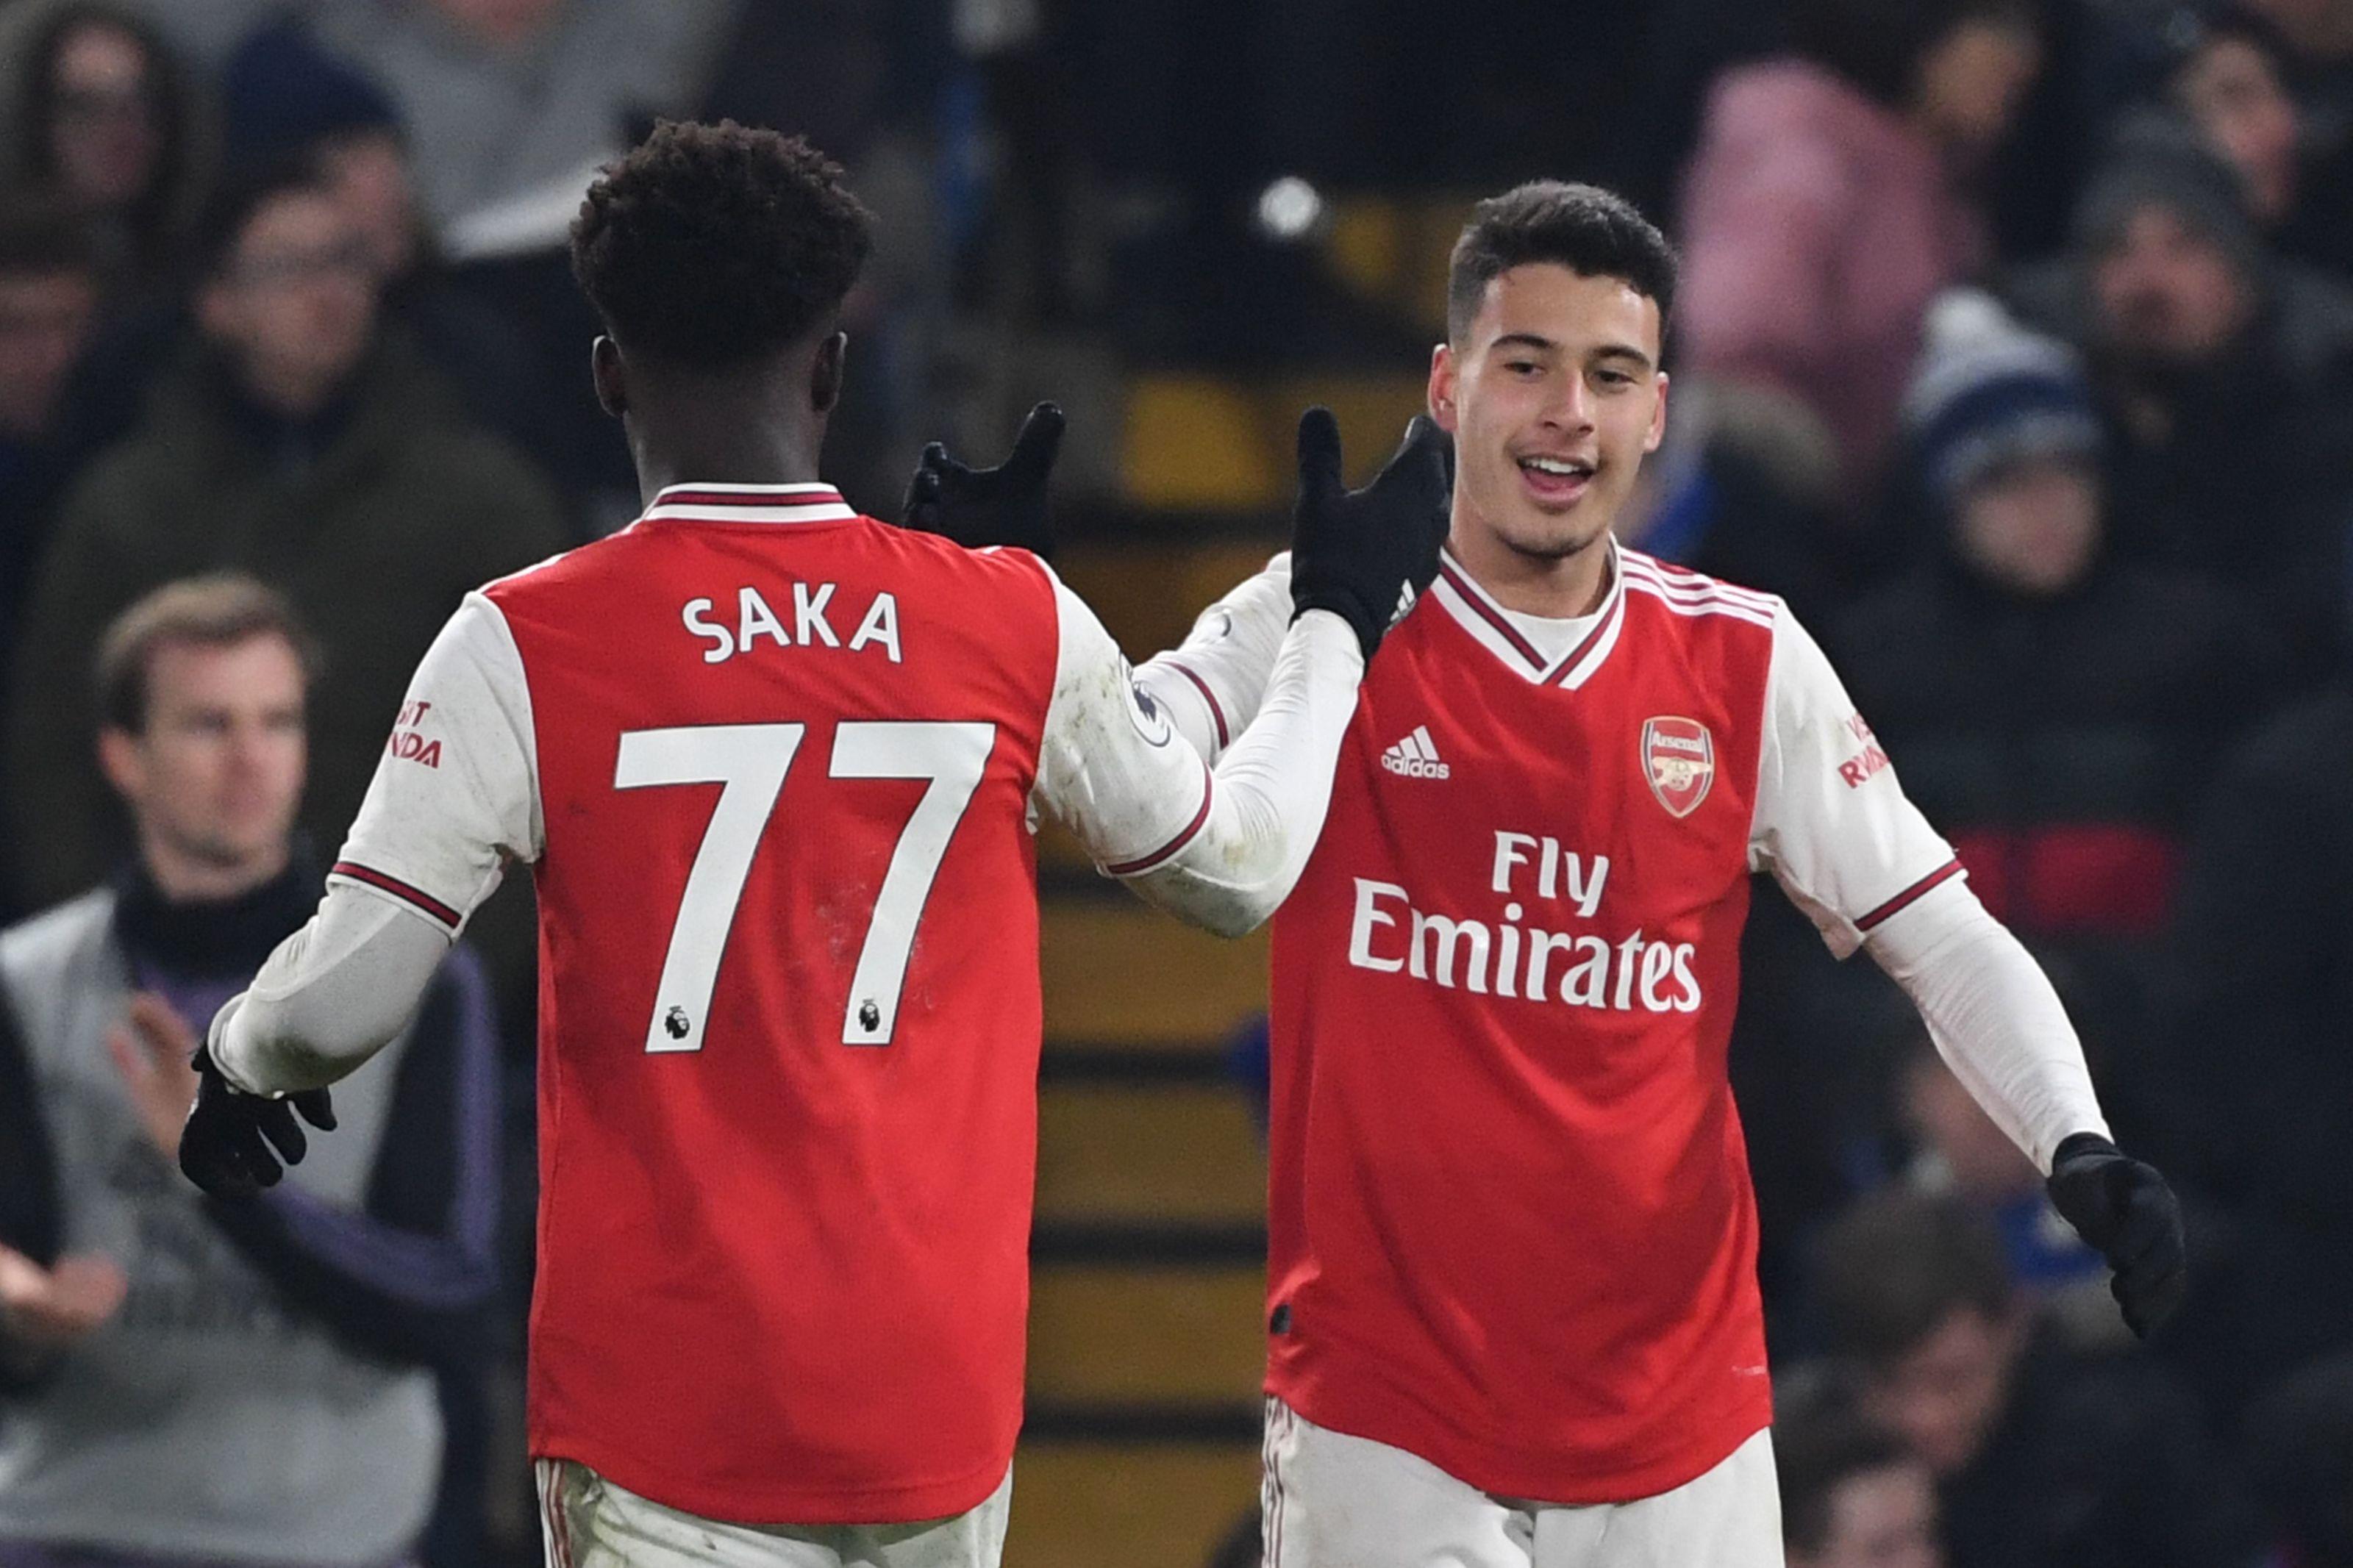 Arsenal: Bukayo Saka vs Gabriel Martinelli is just silly